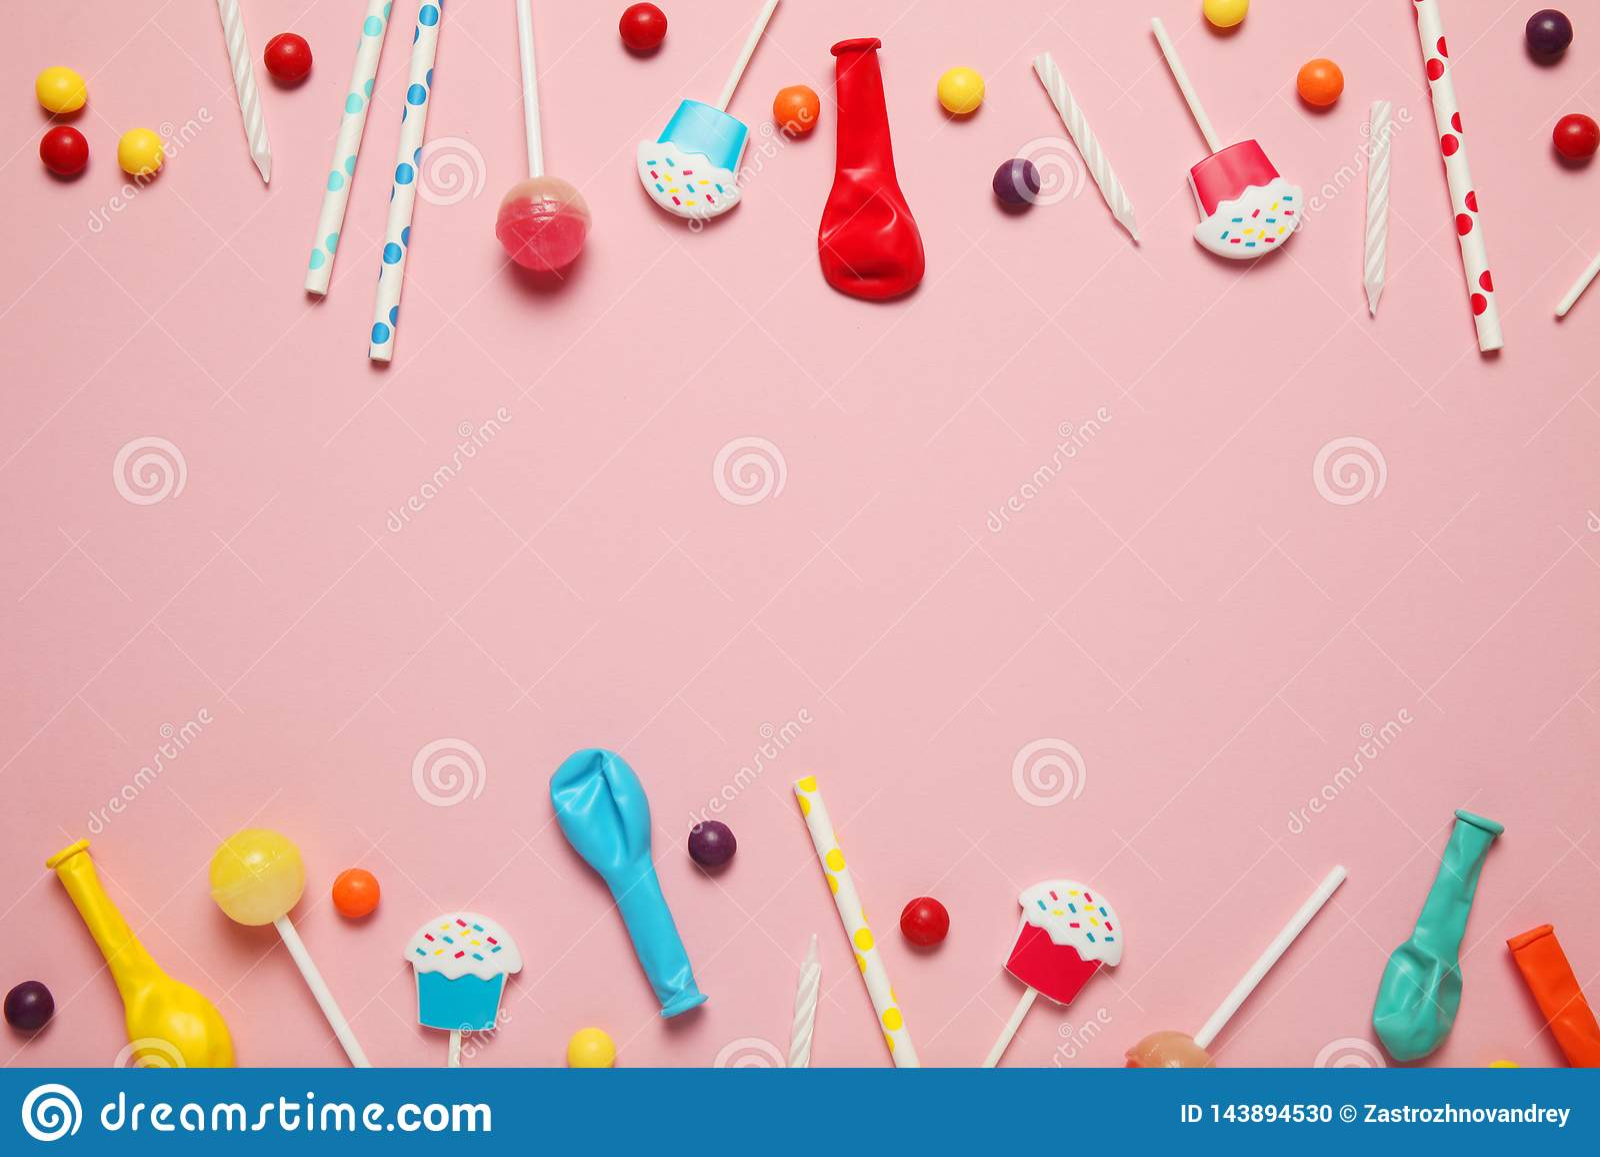 De partijdecoratie van de jonge geitjesverjaardag, roze patroon als achtergrond Kleurrijk suikergoed, heldere ballon, feestelijke